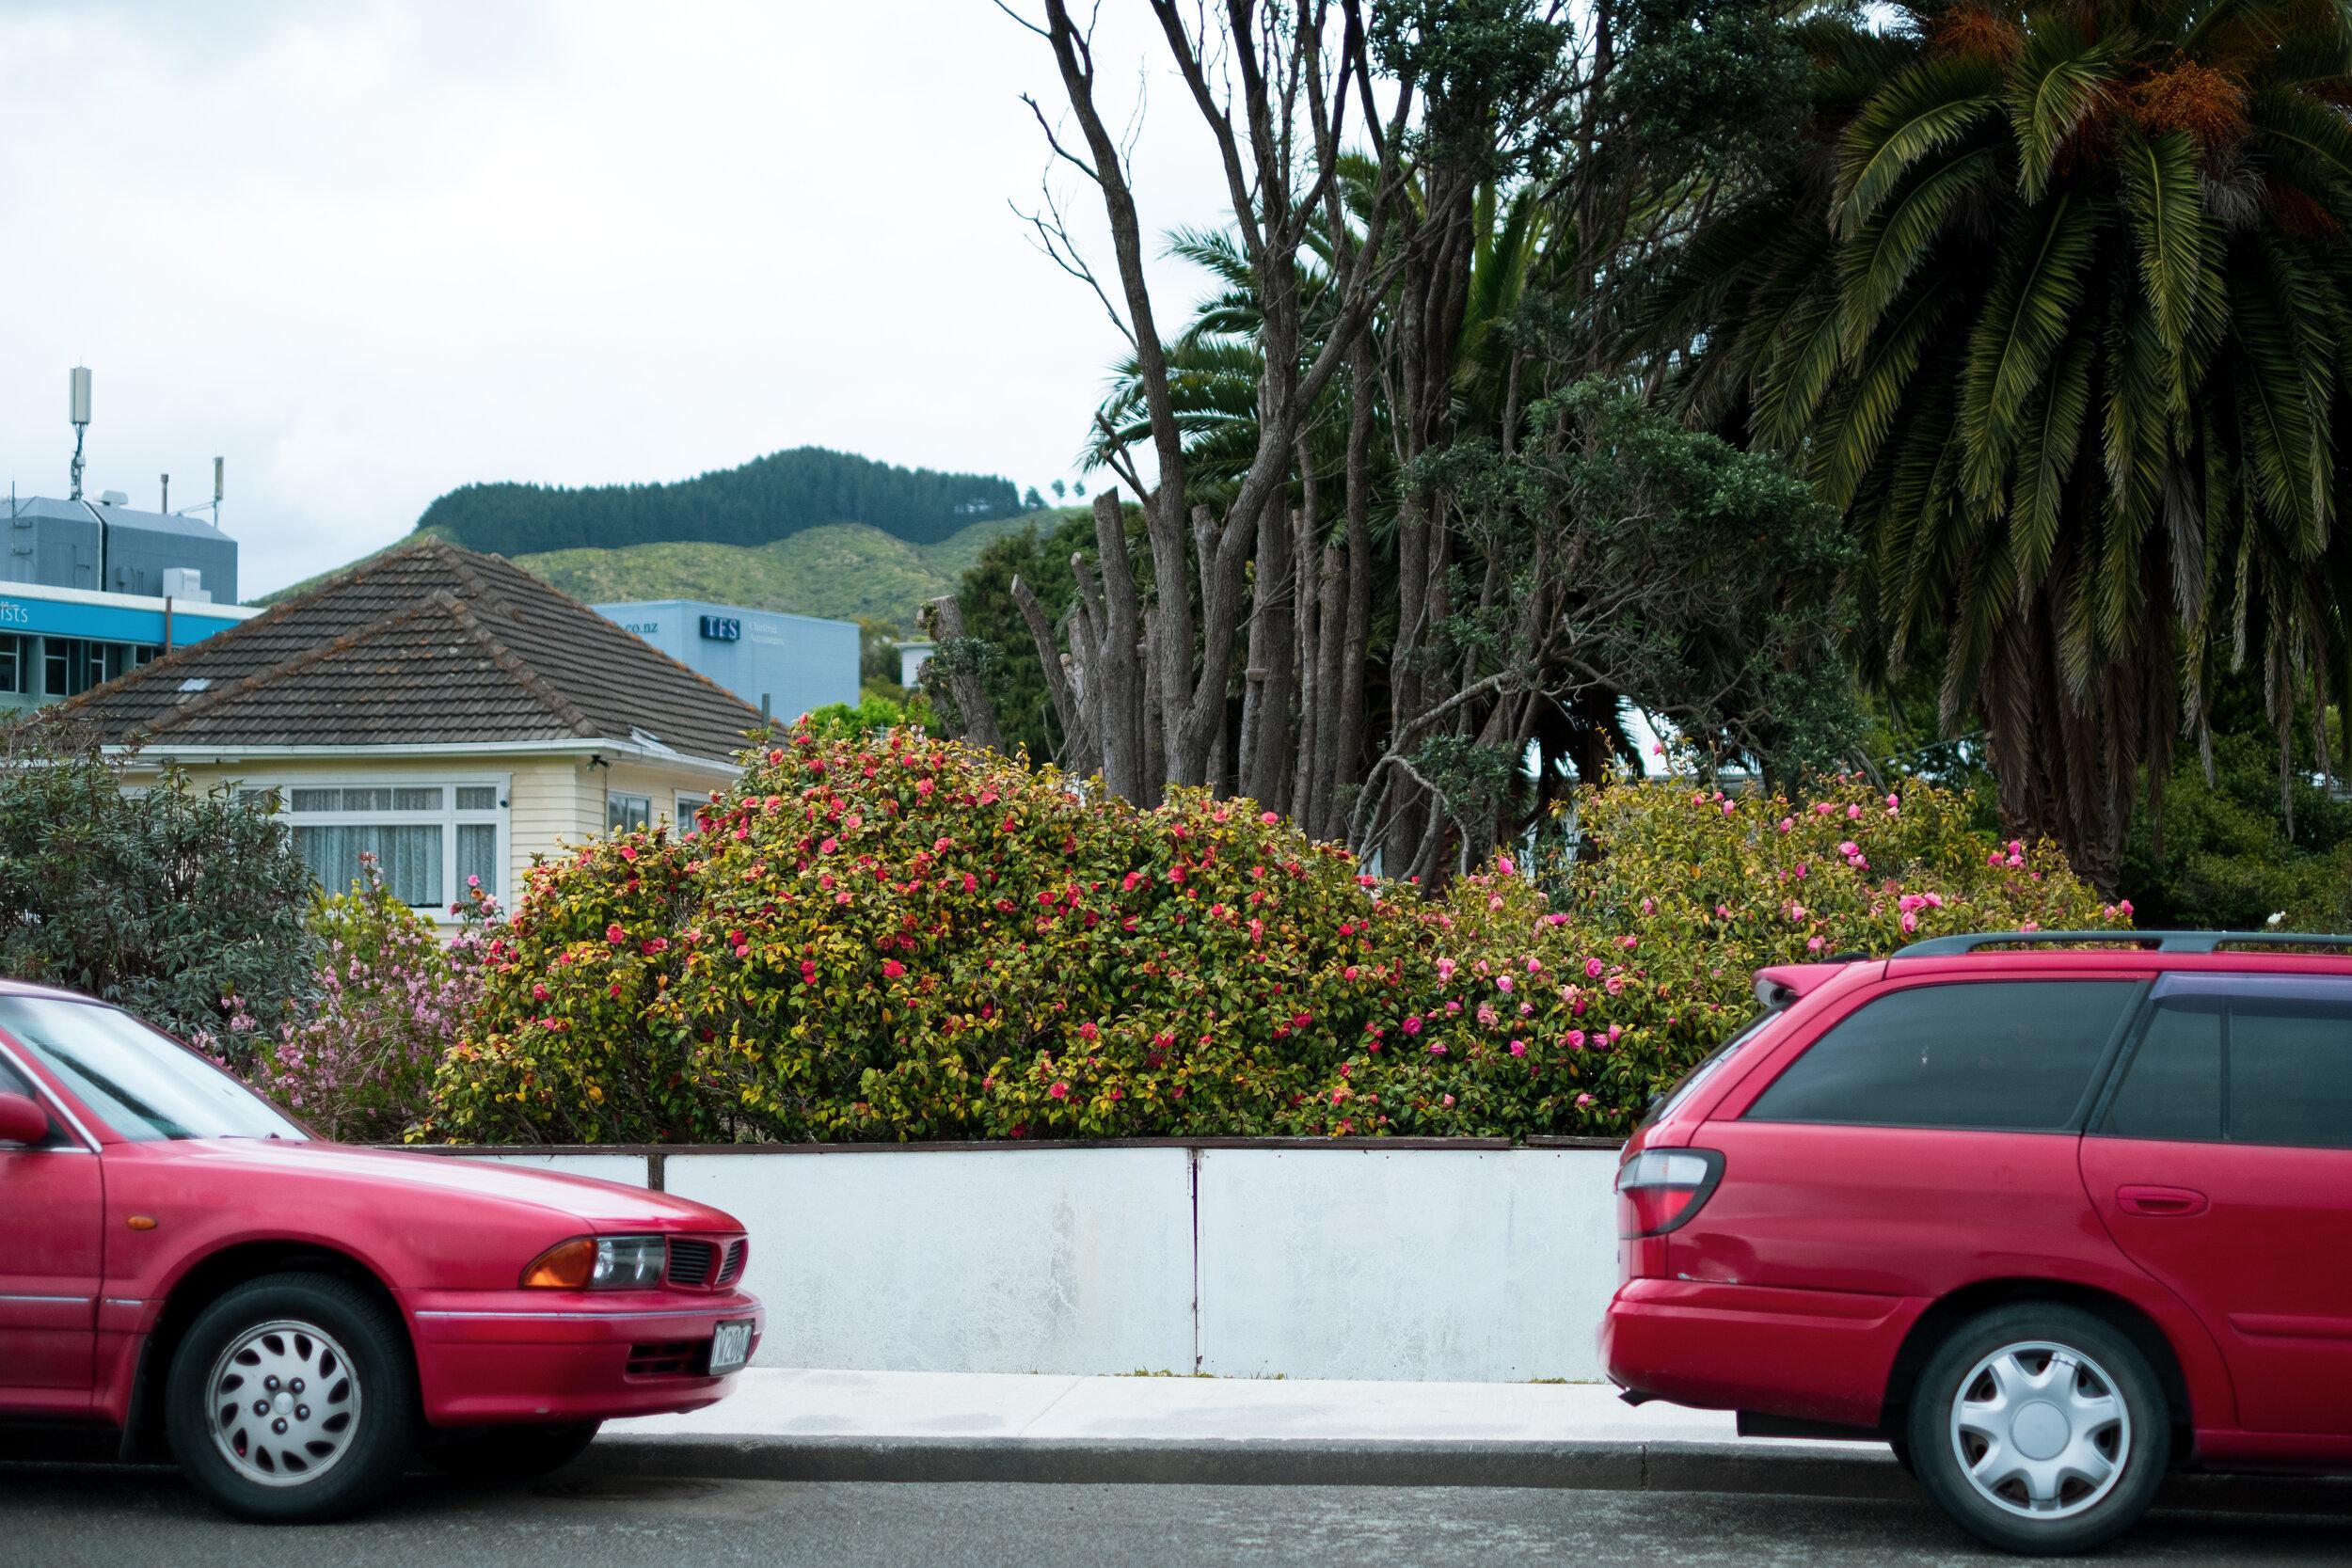 tawa garden and cars.jpg